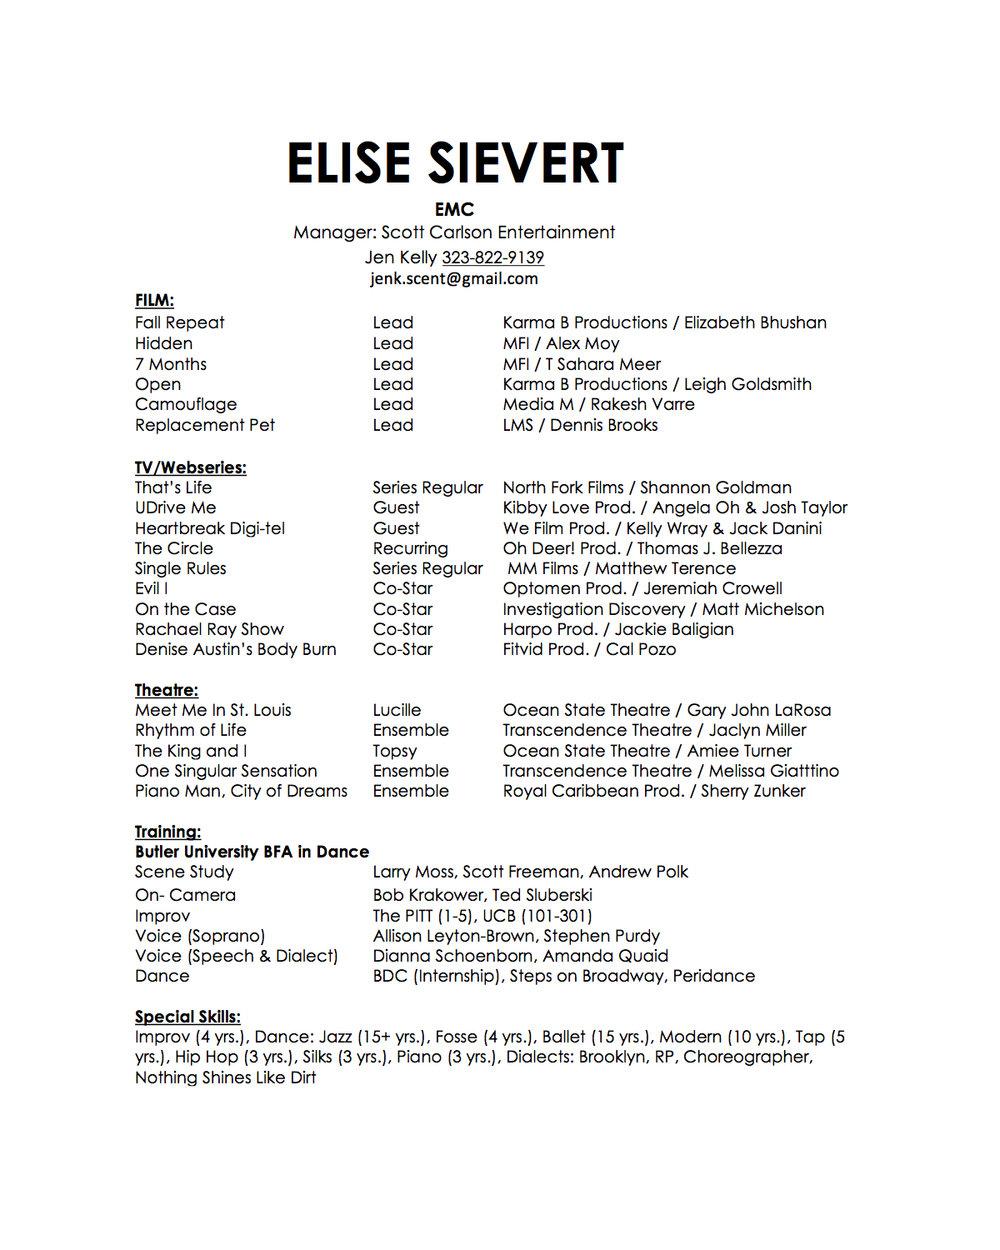 Resume photo 11-16-15.jpg